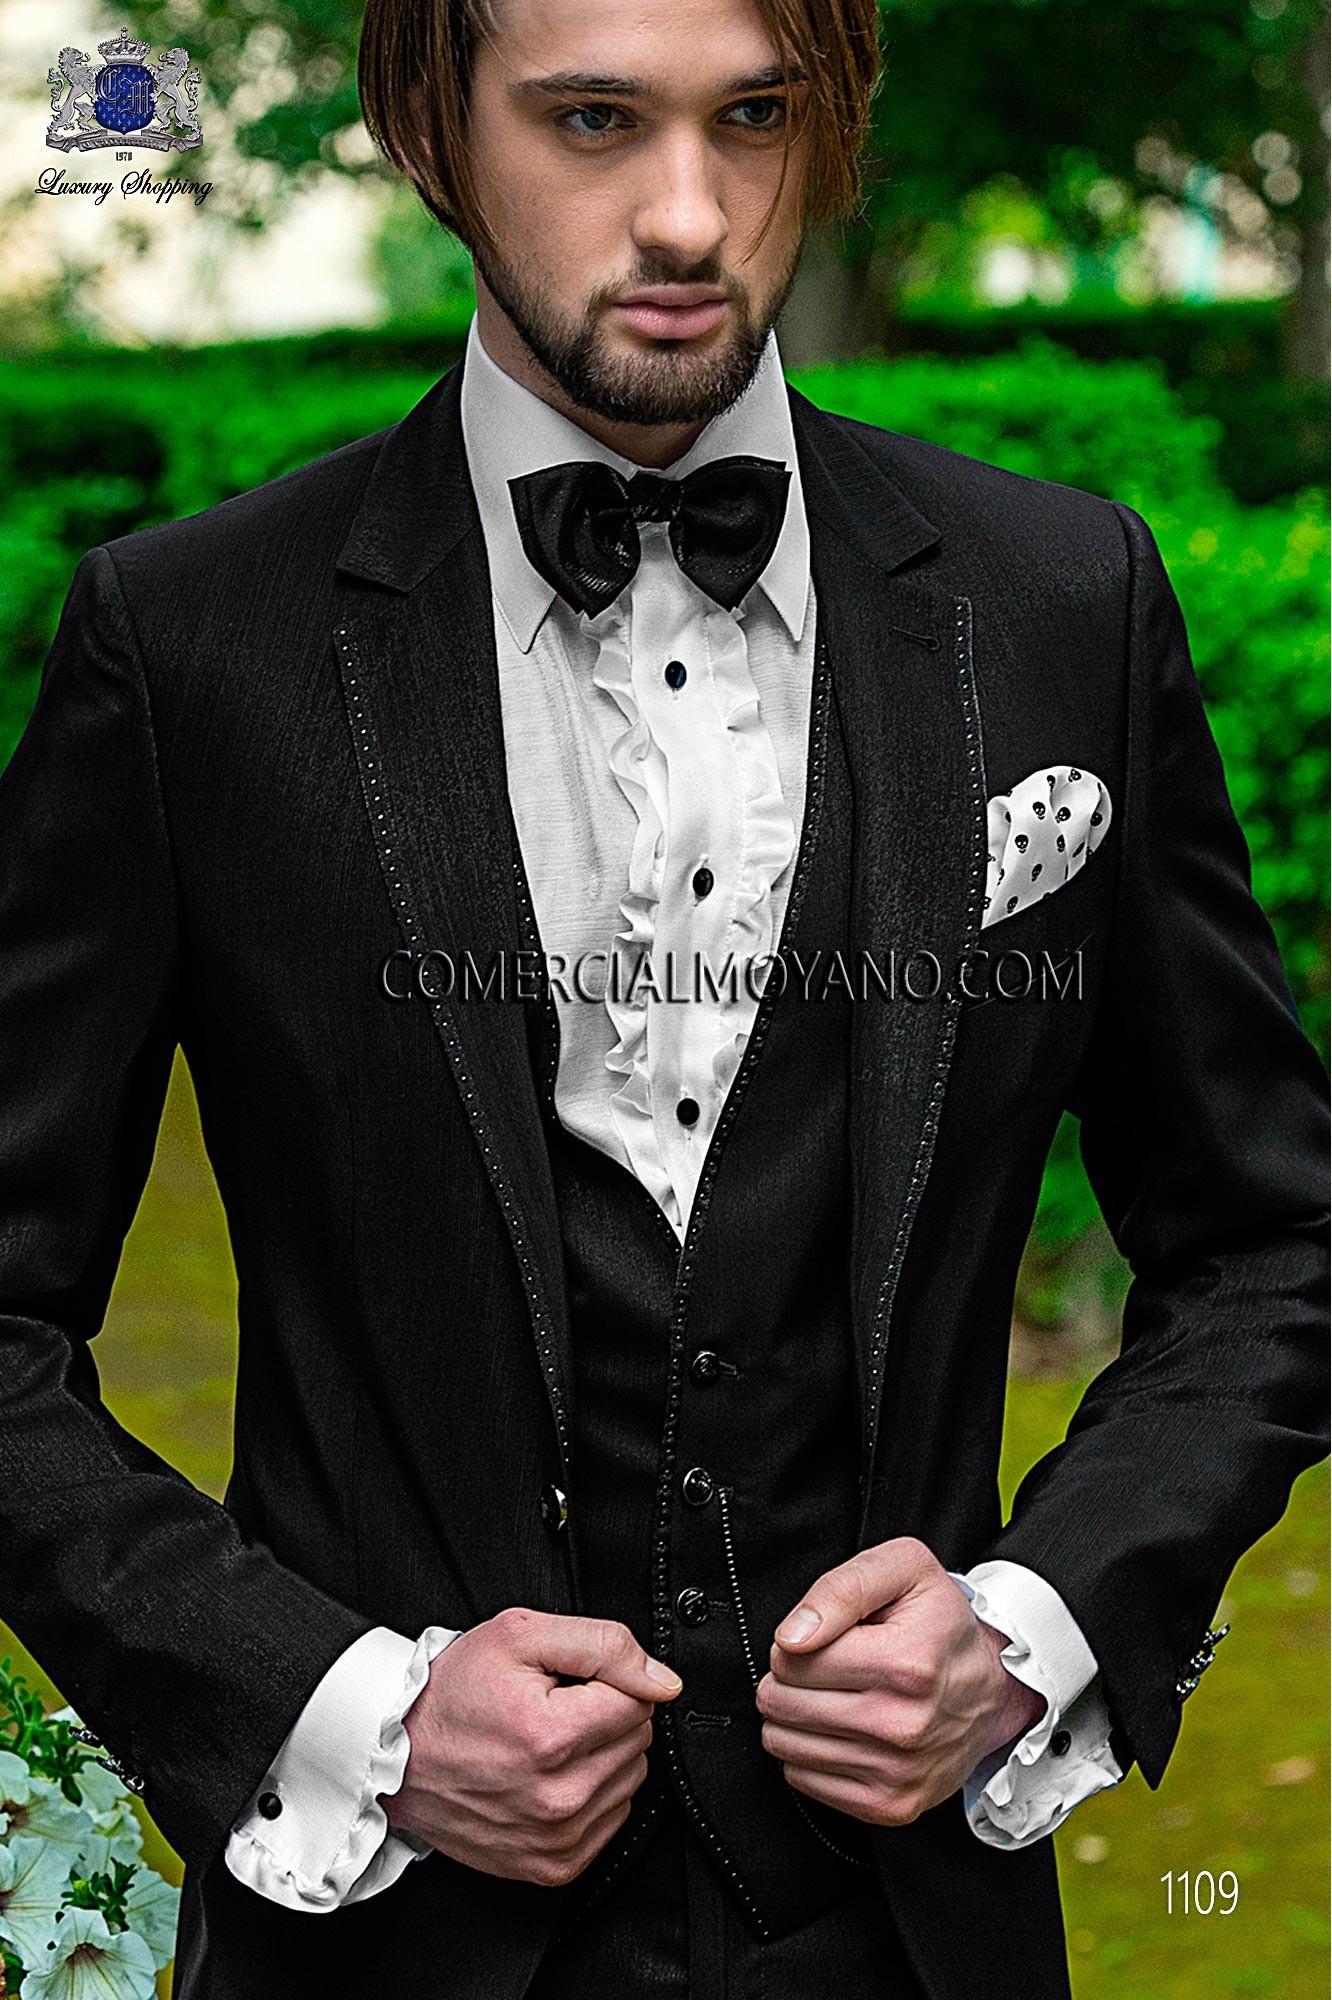 Traje Fashion de novio negro modelo: 1109 Ottavio Nuccio Gala colección Fashion